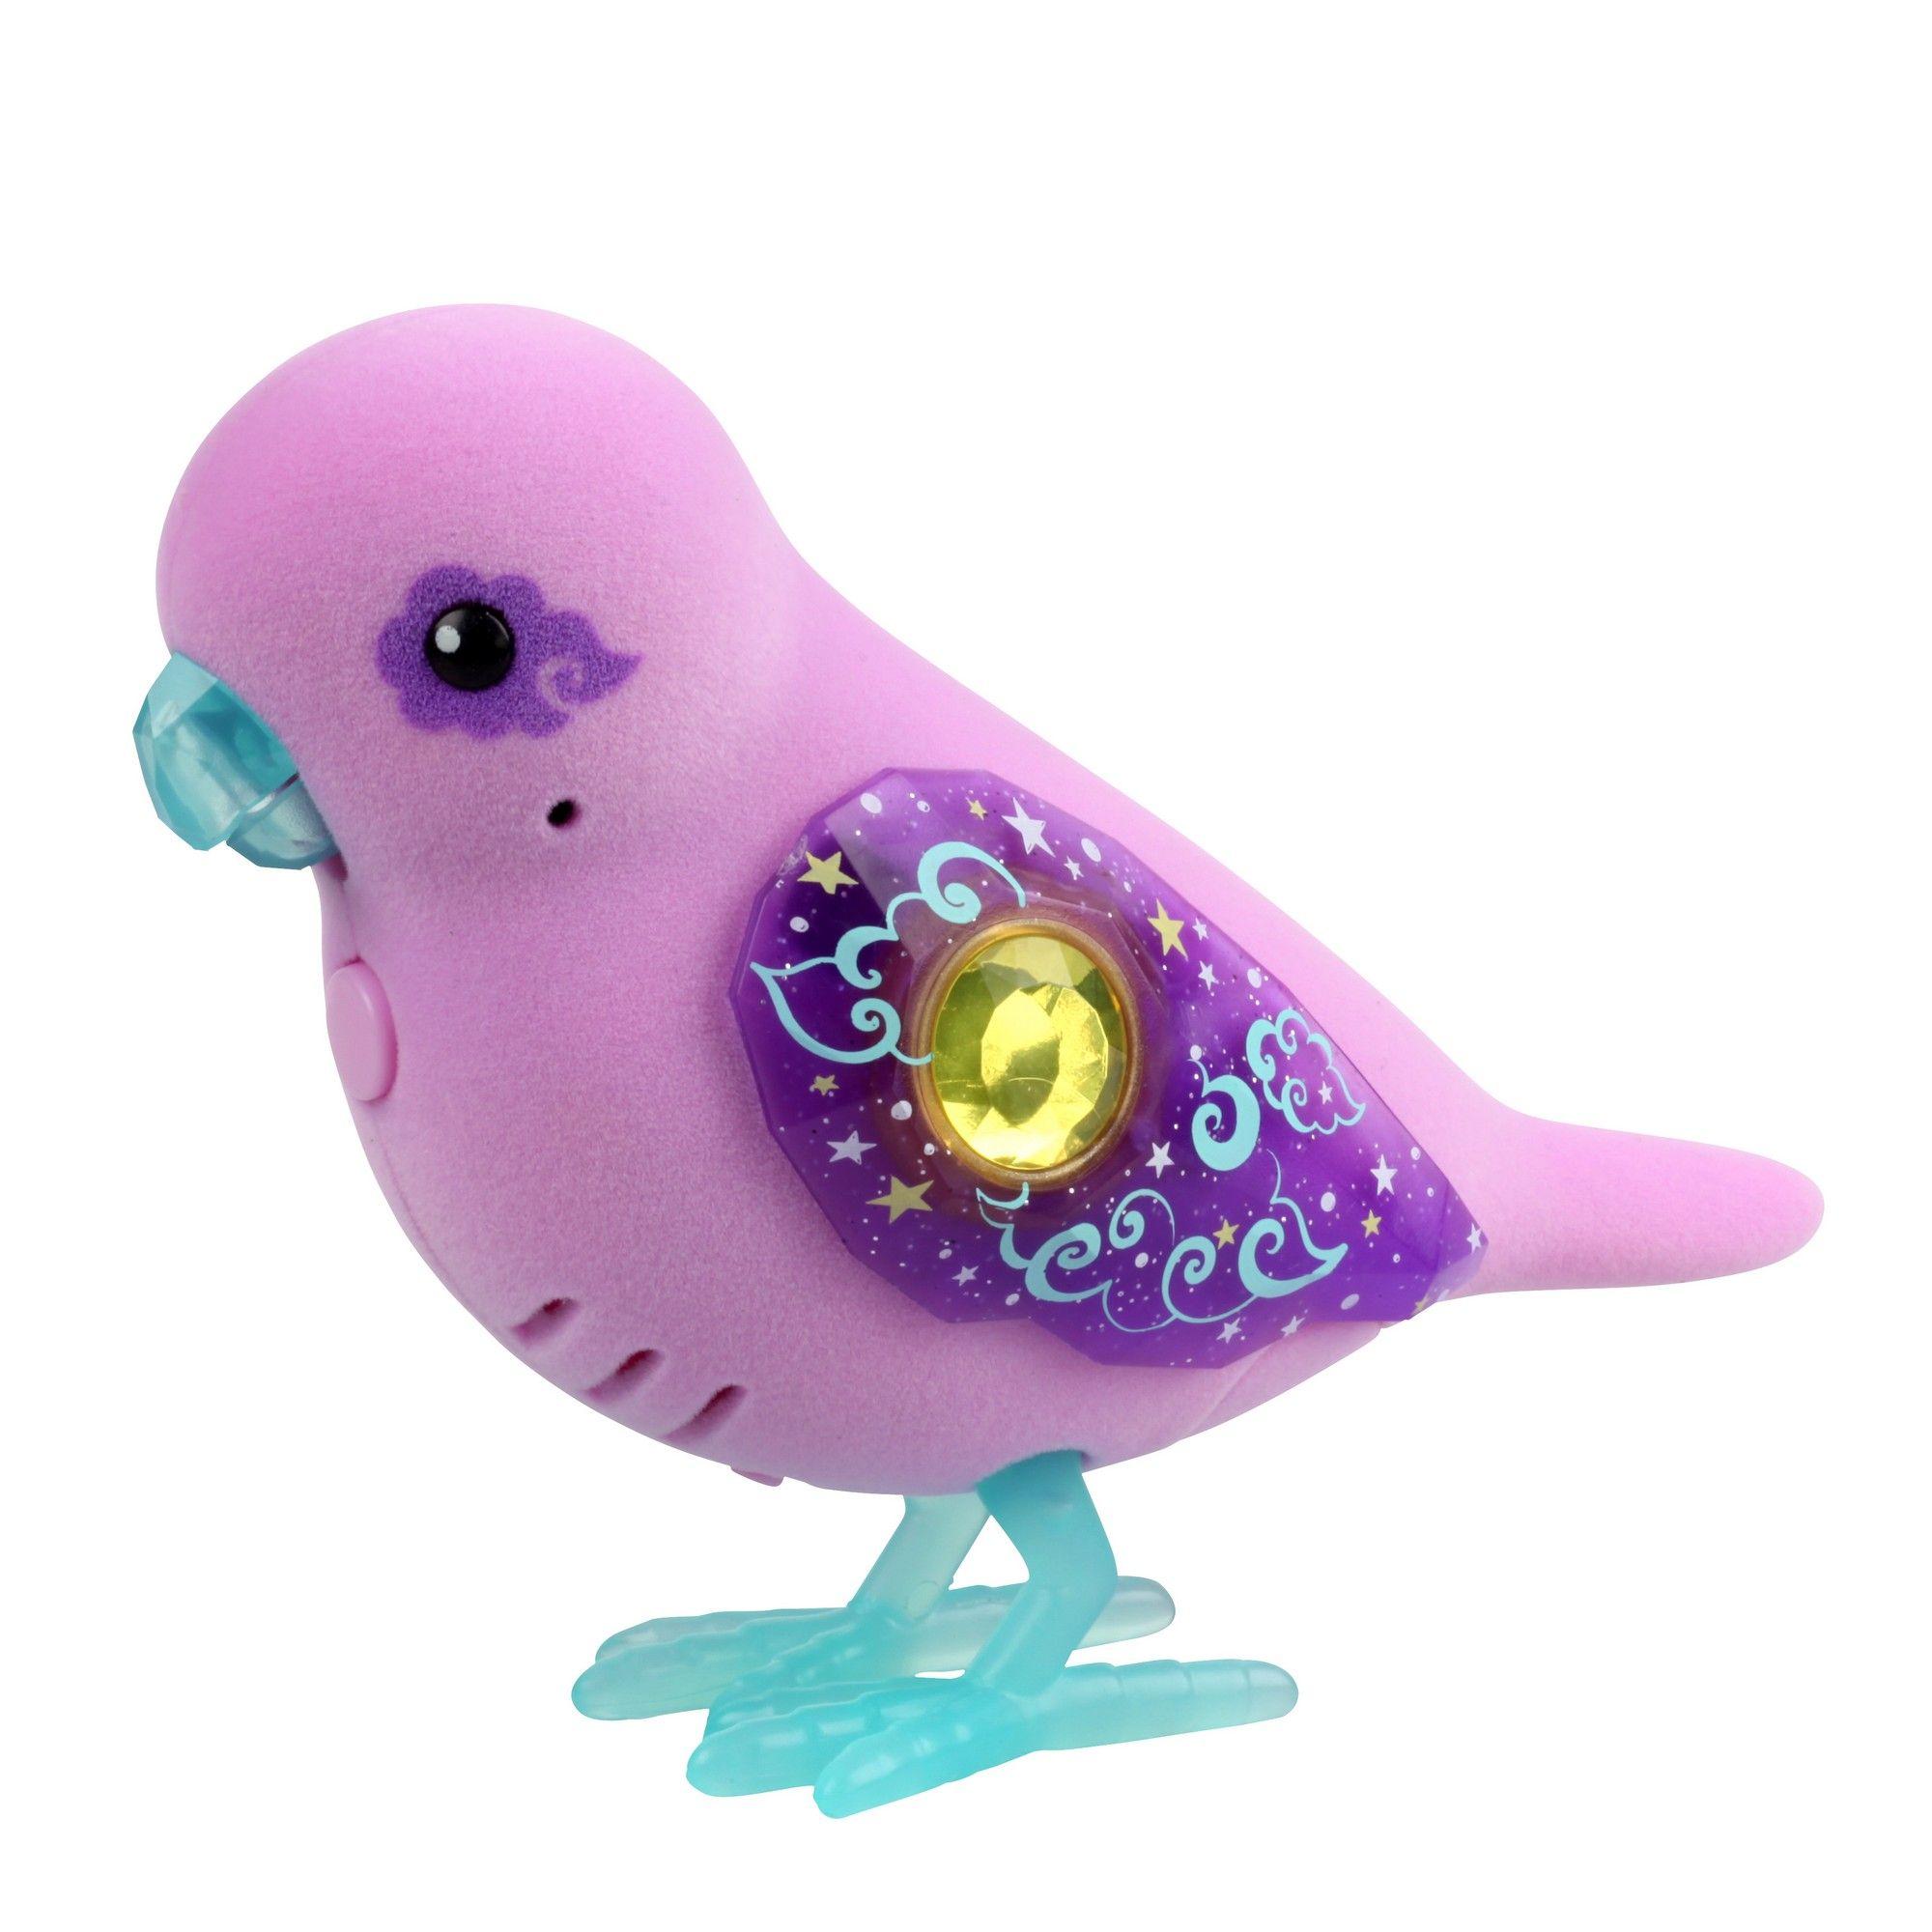 """Интерактивная игрушка """"Литл Лайв Петс"""" - Tweet Dreams"""